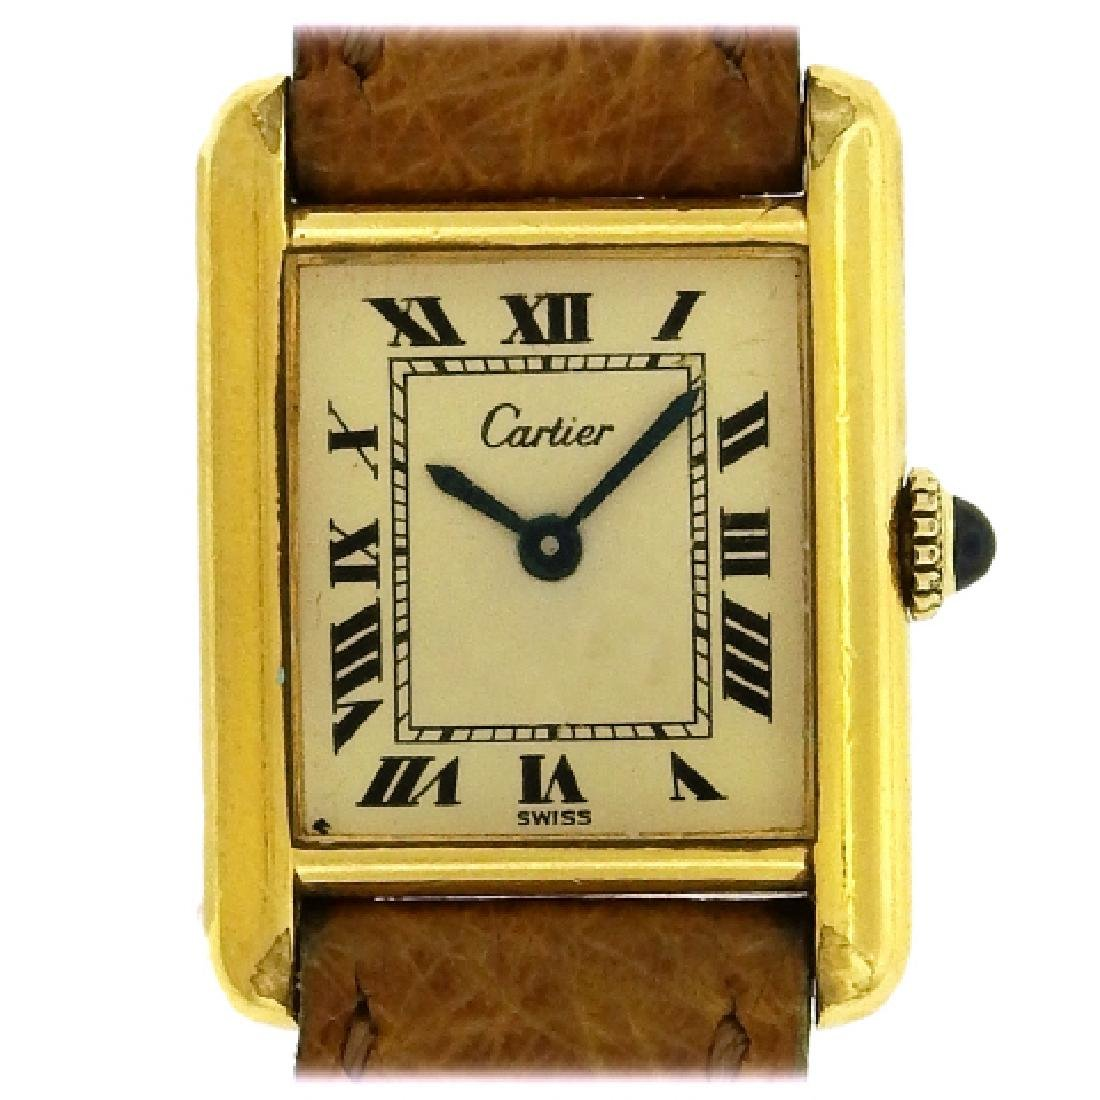 Vermeil Cartier Ivory Dial Tank Watch